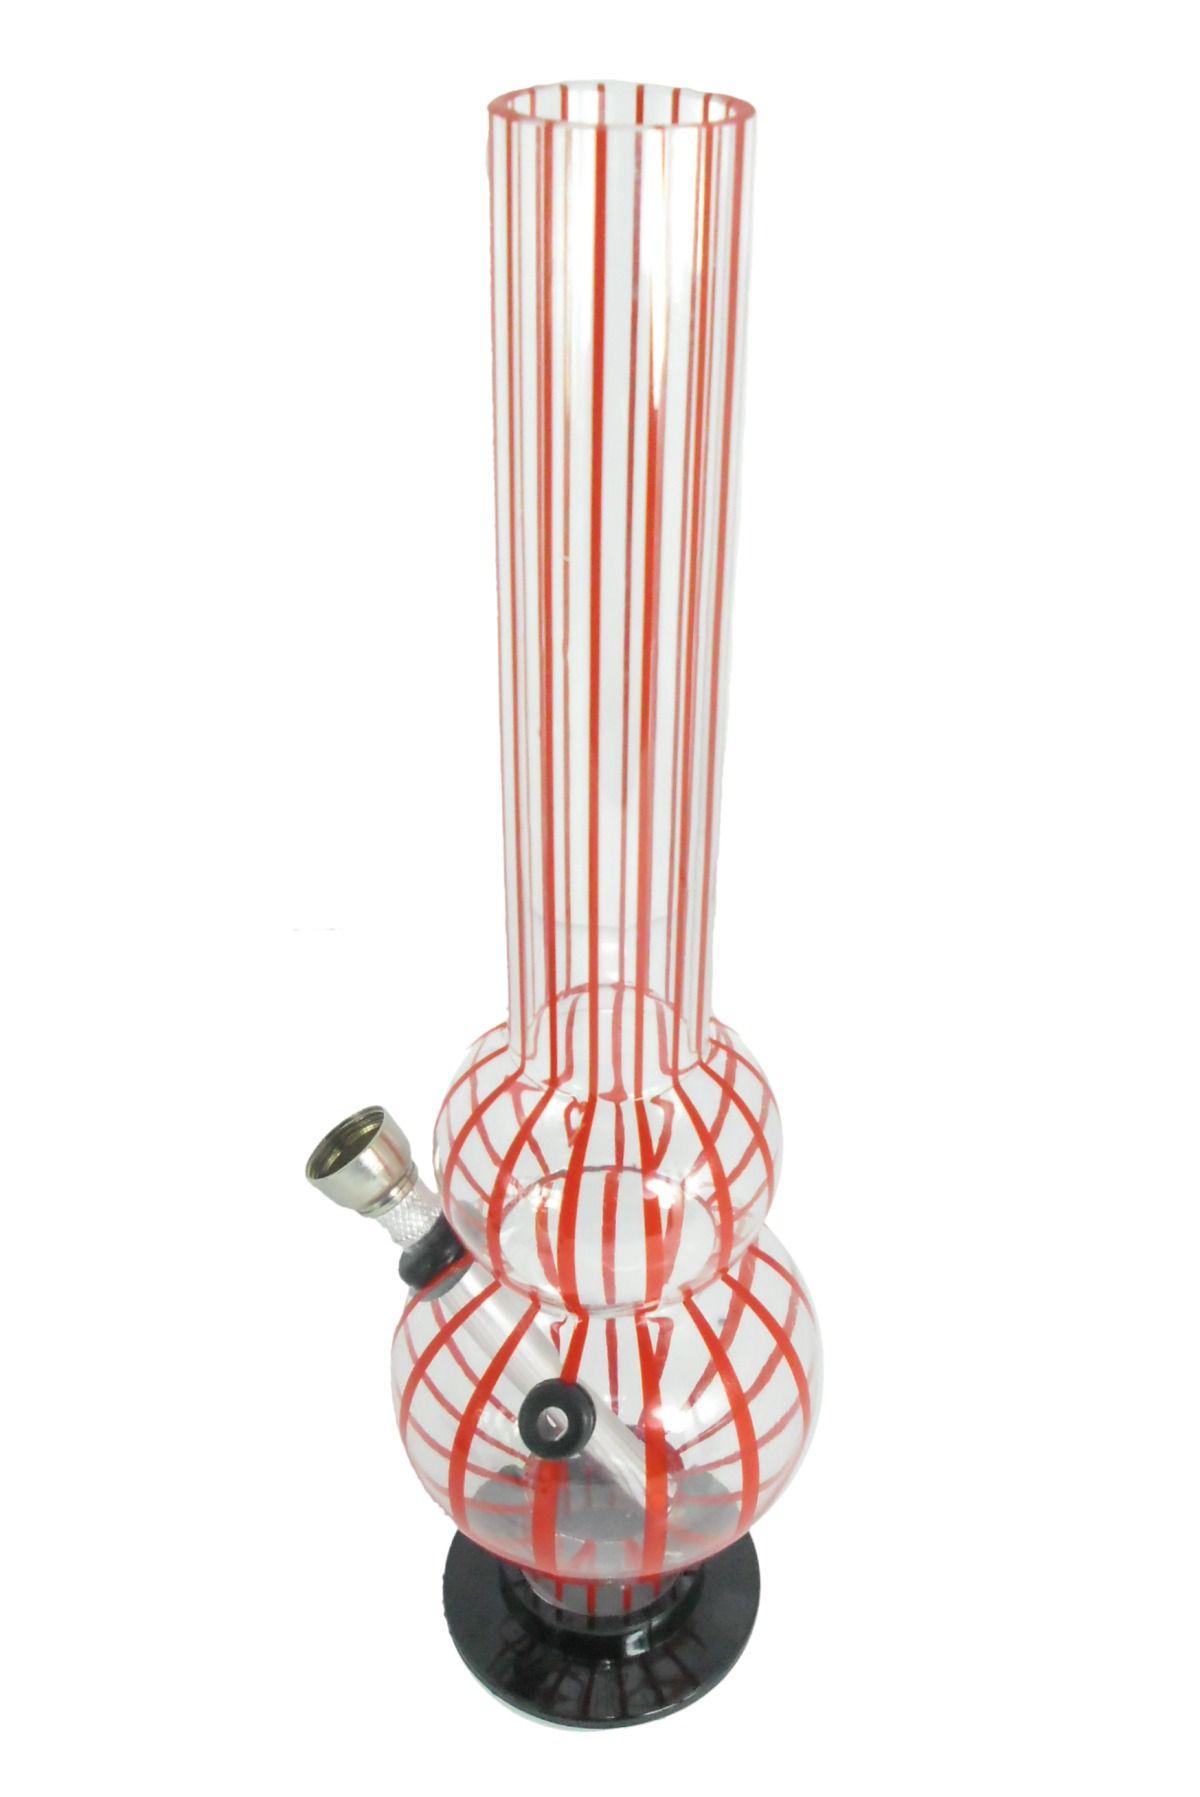 Bong de acrílico MD HOOKAH, MÉDIO 26cm, base removível. Estampas e cores diversas.